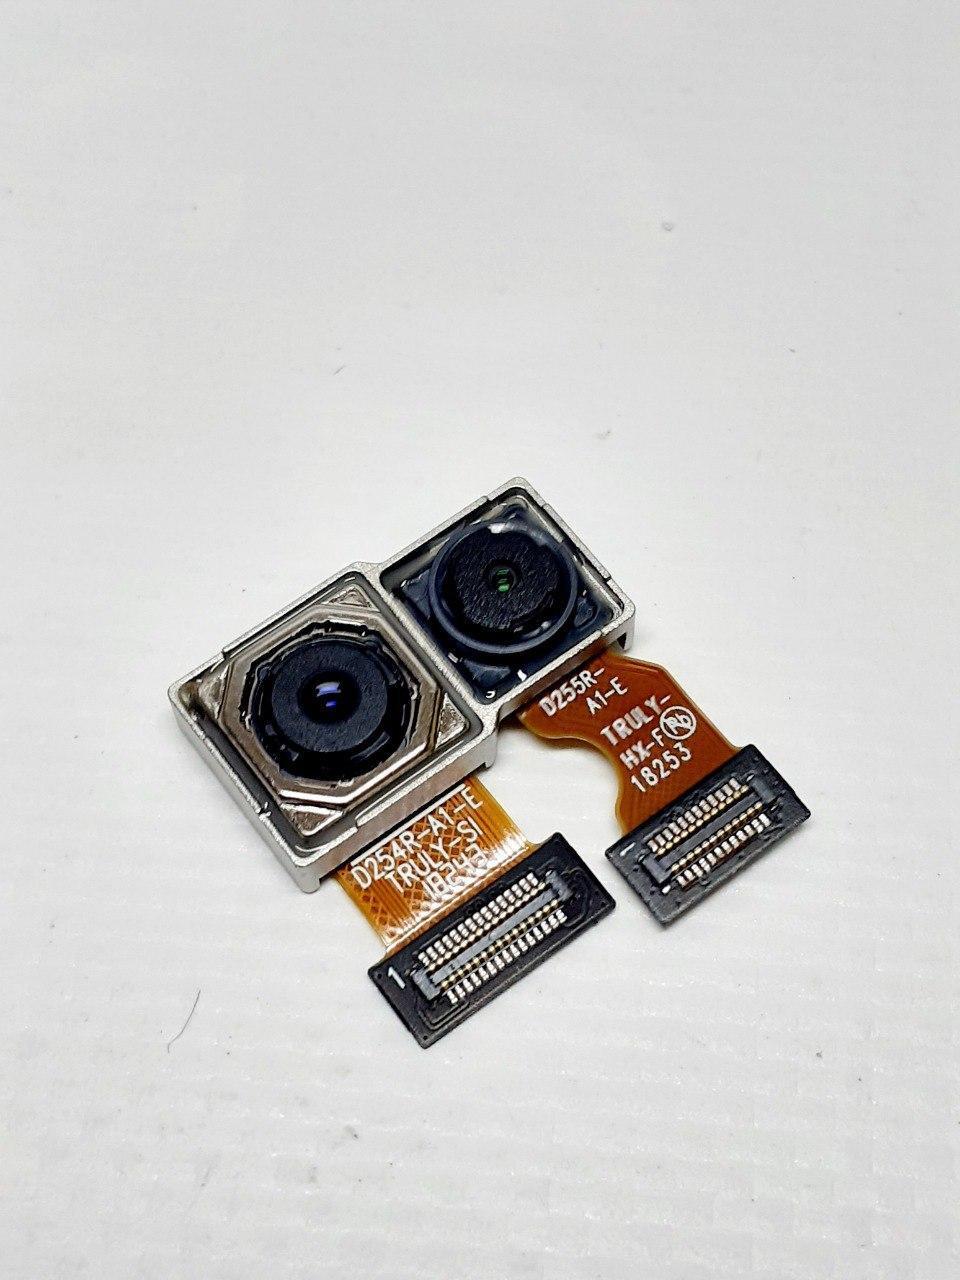 Основные камеры Tp-Link Neffos X9 TP913A оригинал , сервисный